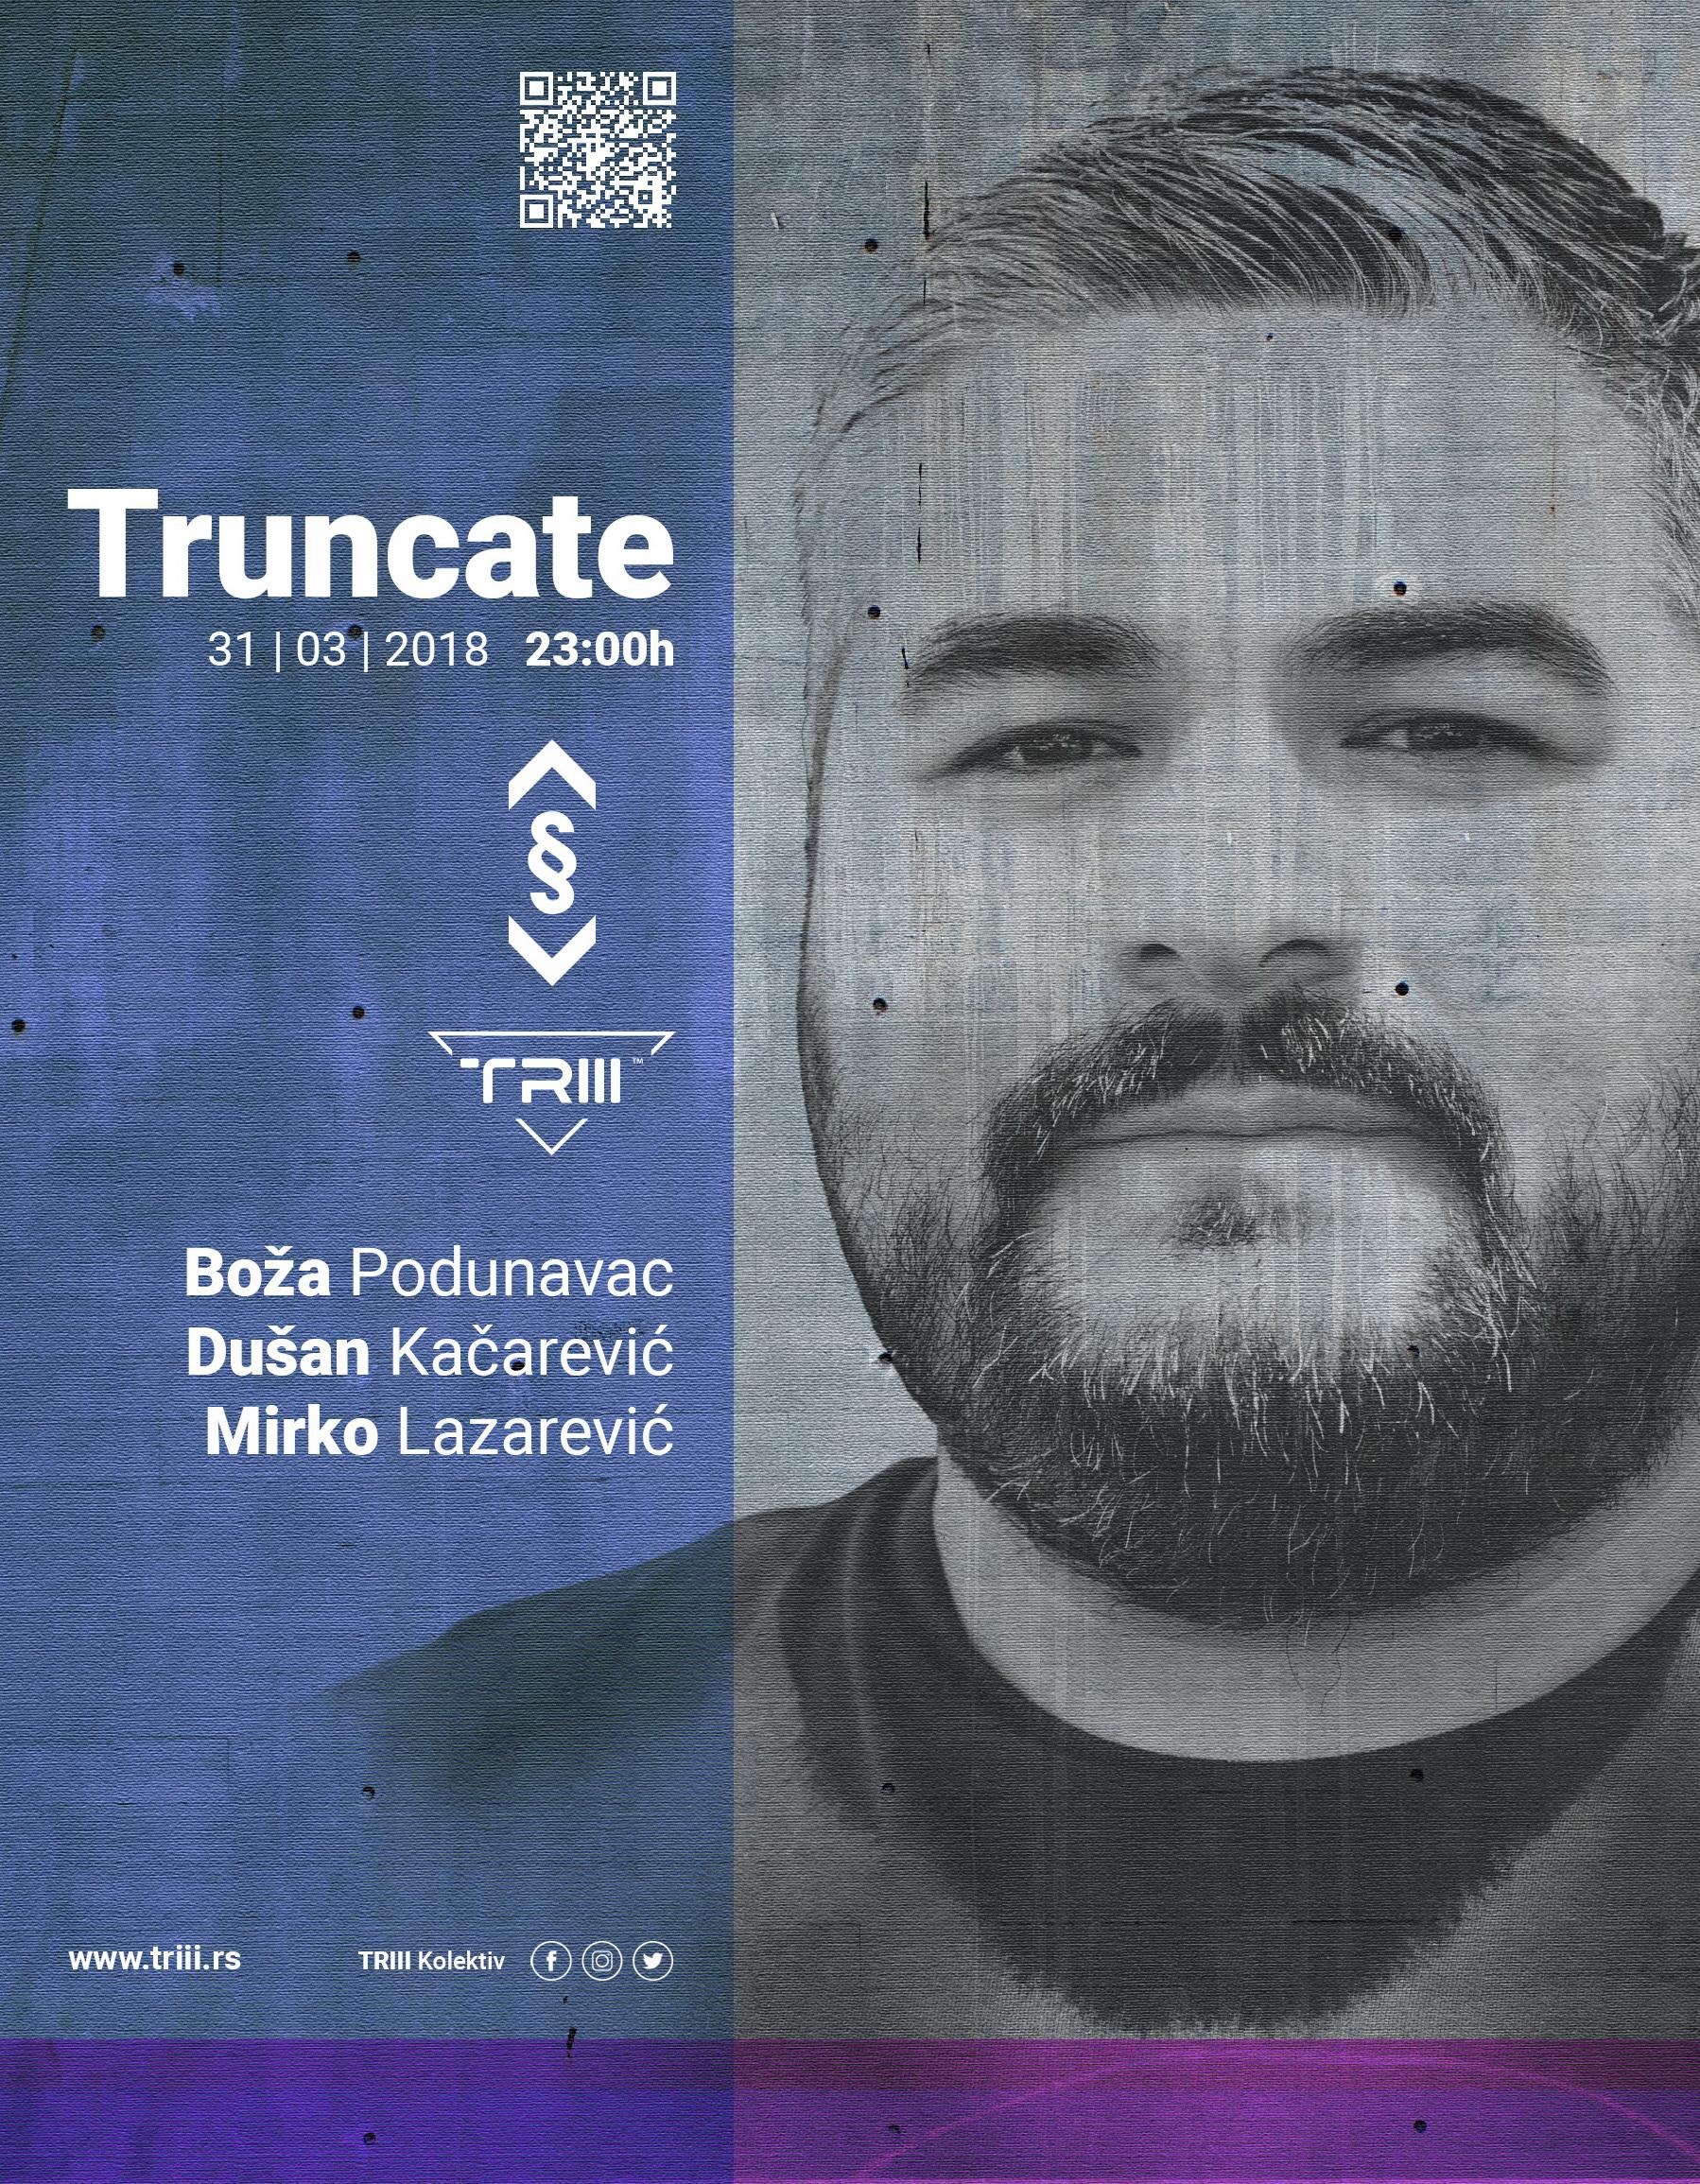 Truncate, Drugstore, Beograd